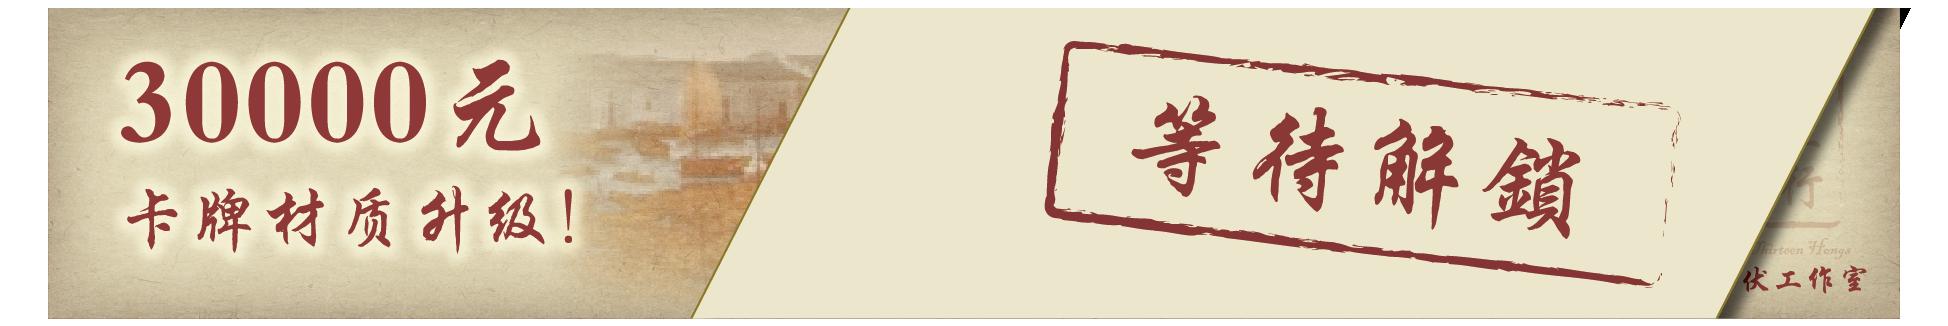 摩点解锁B转曲_画板 6.png